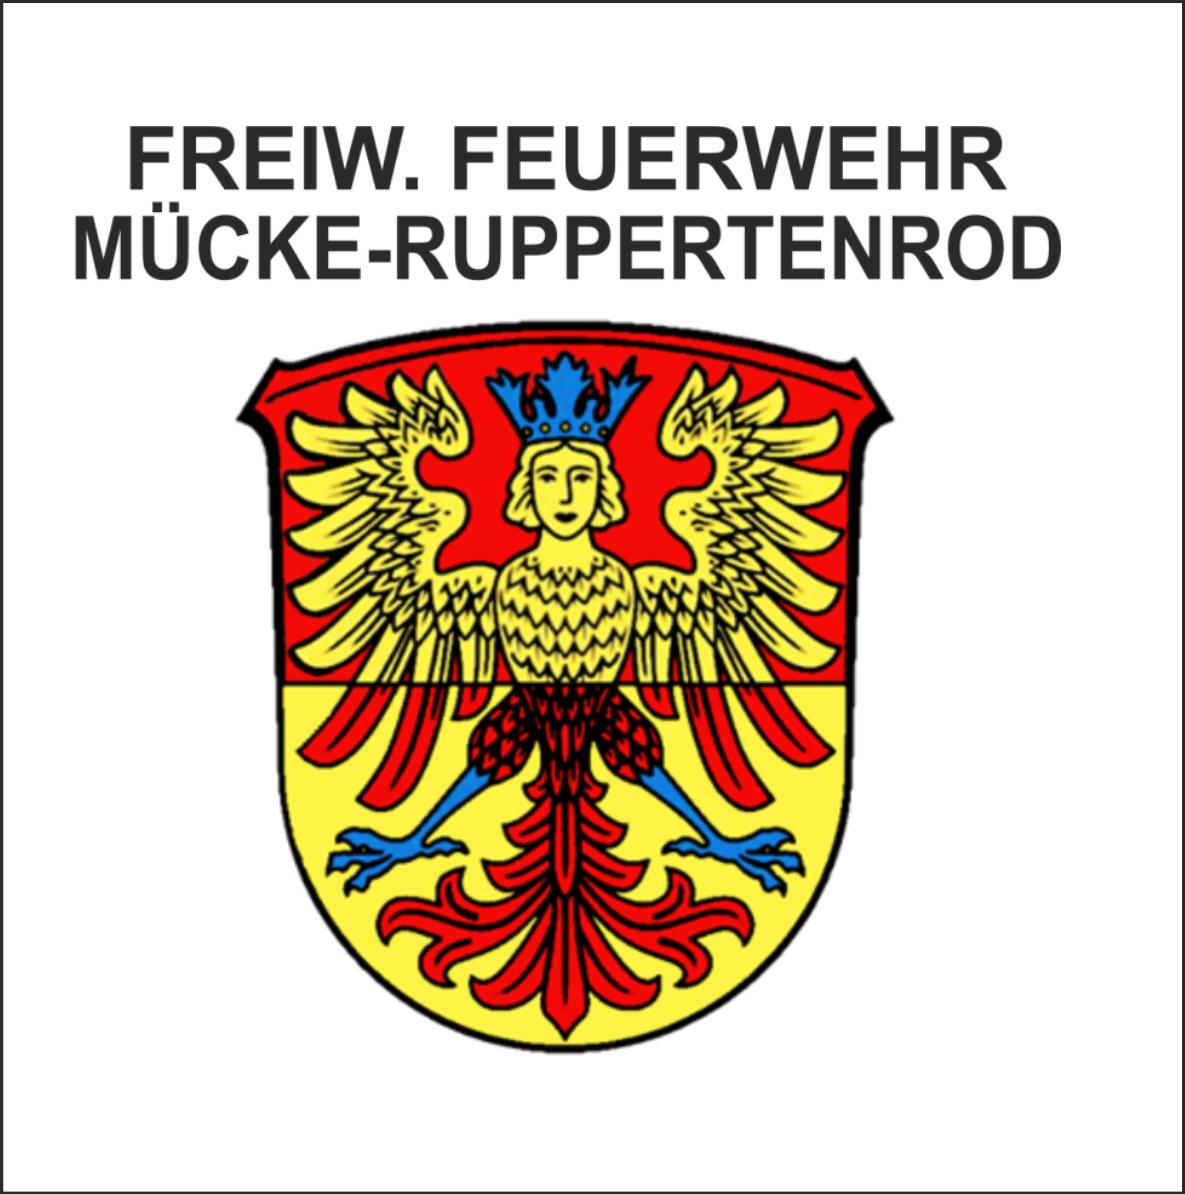 Feuerwehr Ruppertenrod